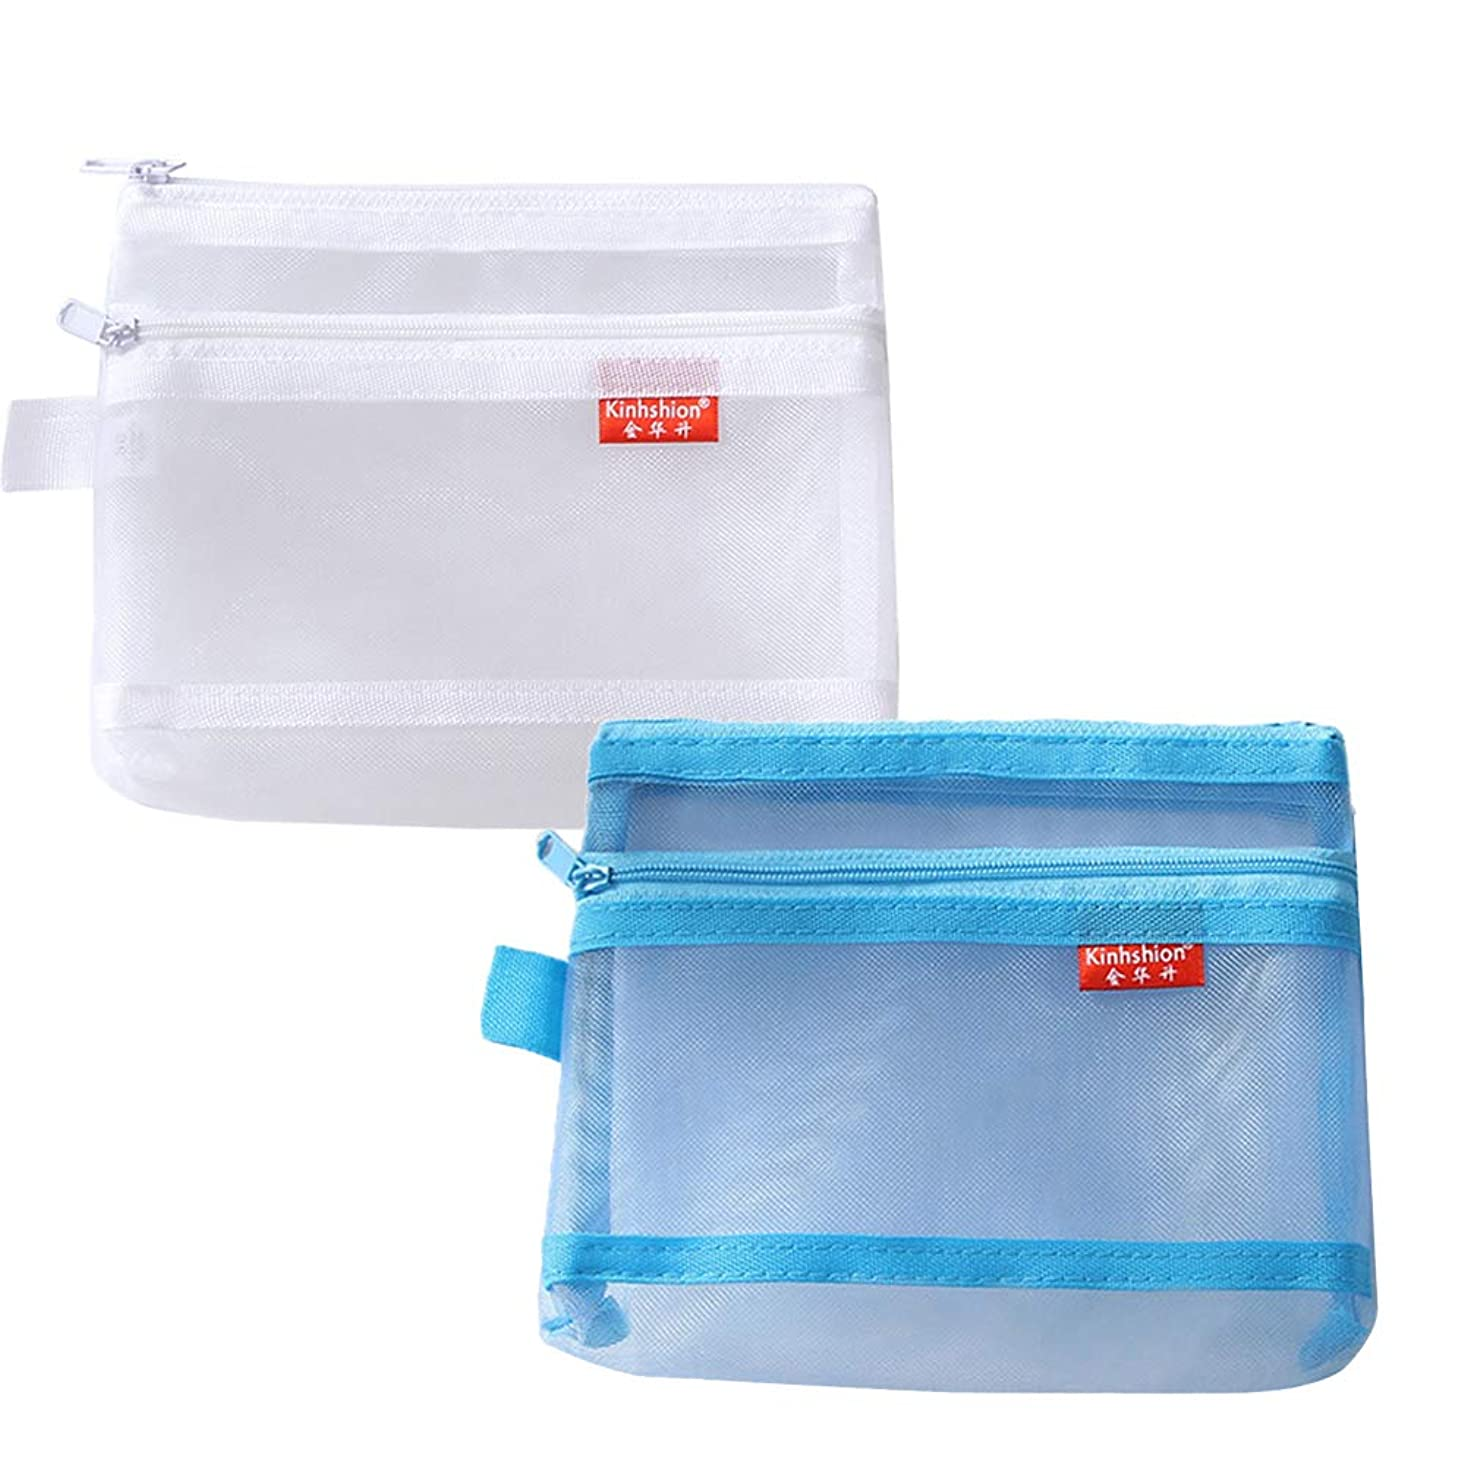 詩レンダリングパブメッシュジッパーポーチ二重層ジッパーバッグクリアポーチ小さなオーガナイザーバッグジッパーフォルダーバッグ化粧品バッグ旅行収納バッグ